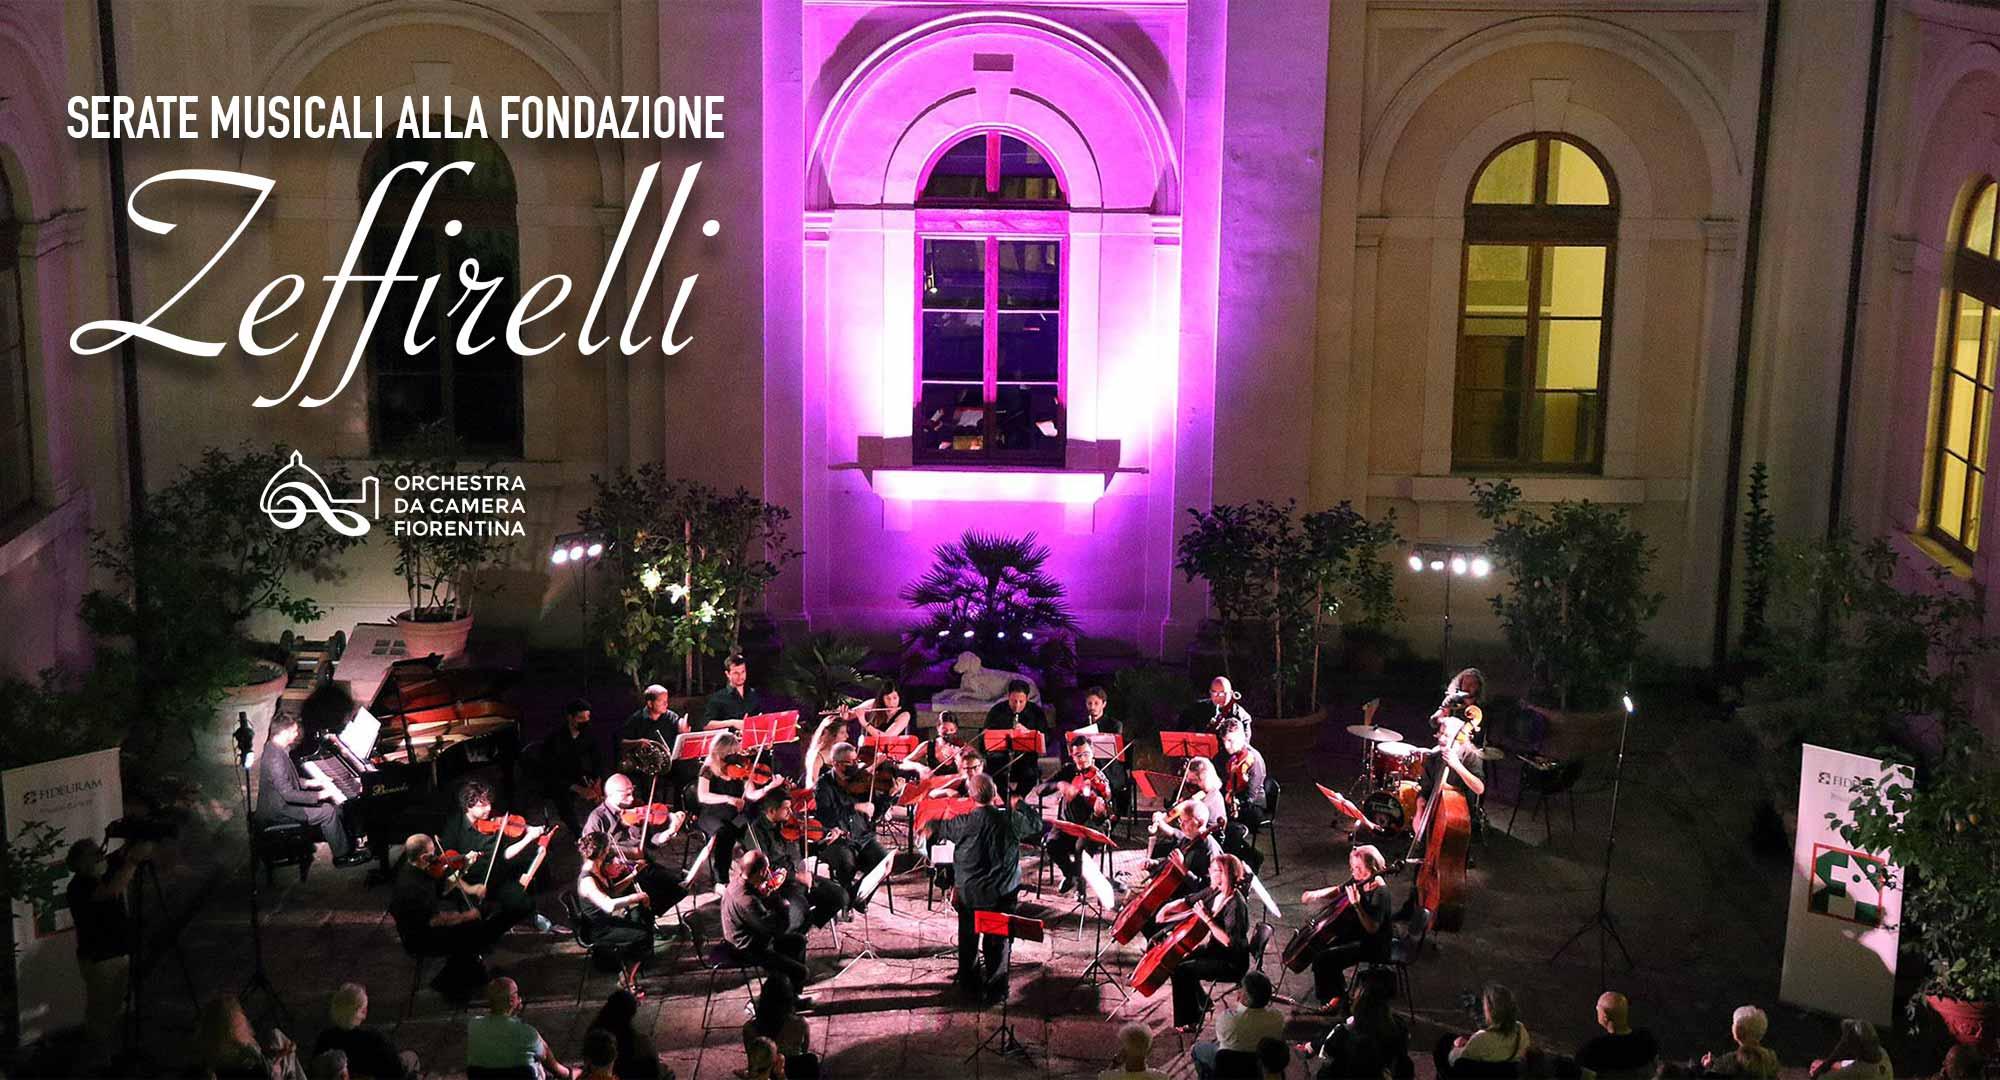 Serate Musicali alla Fondazione Zeffirelli - Orchestra da Camera Fiorentina